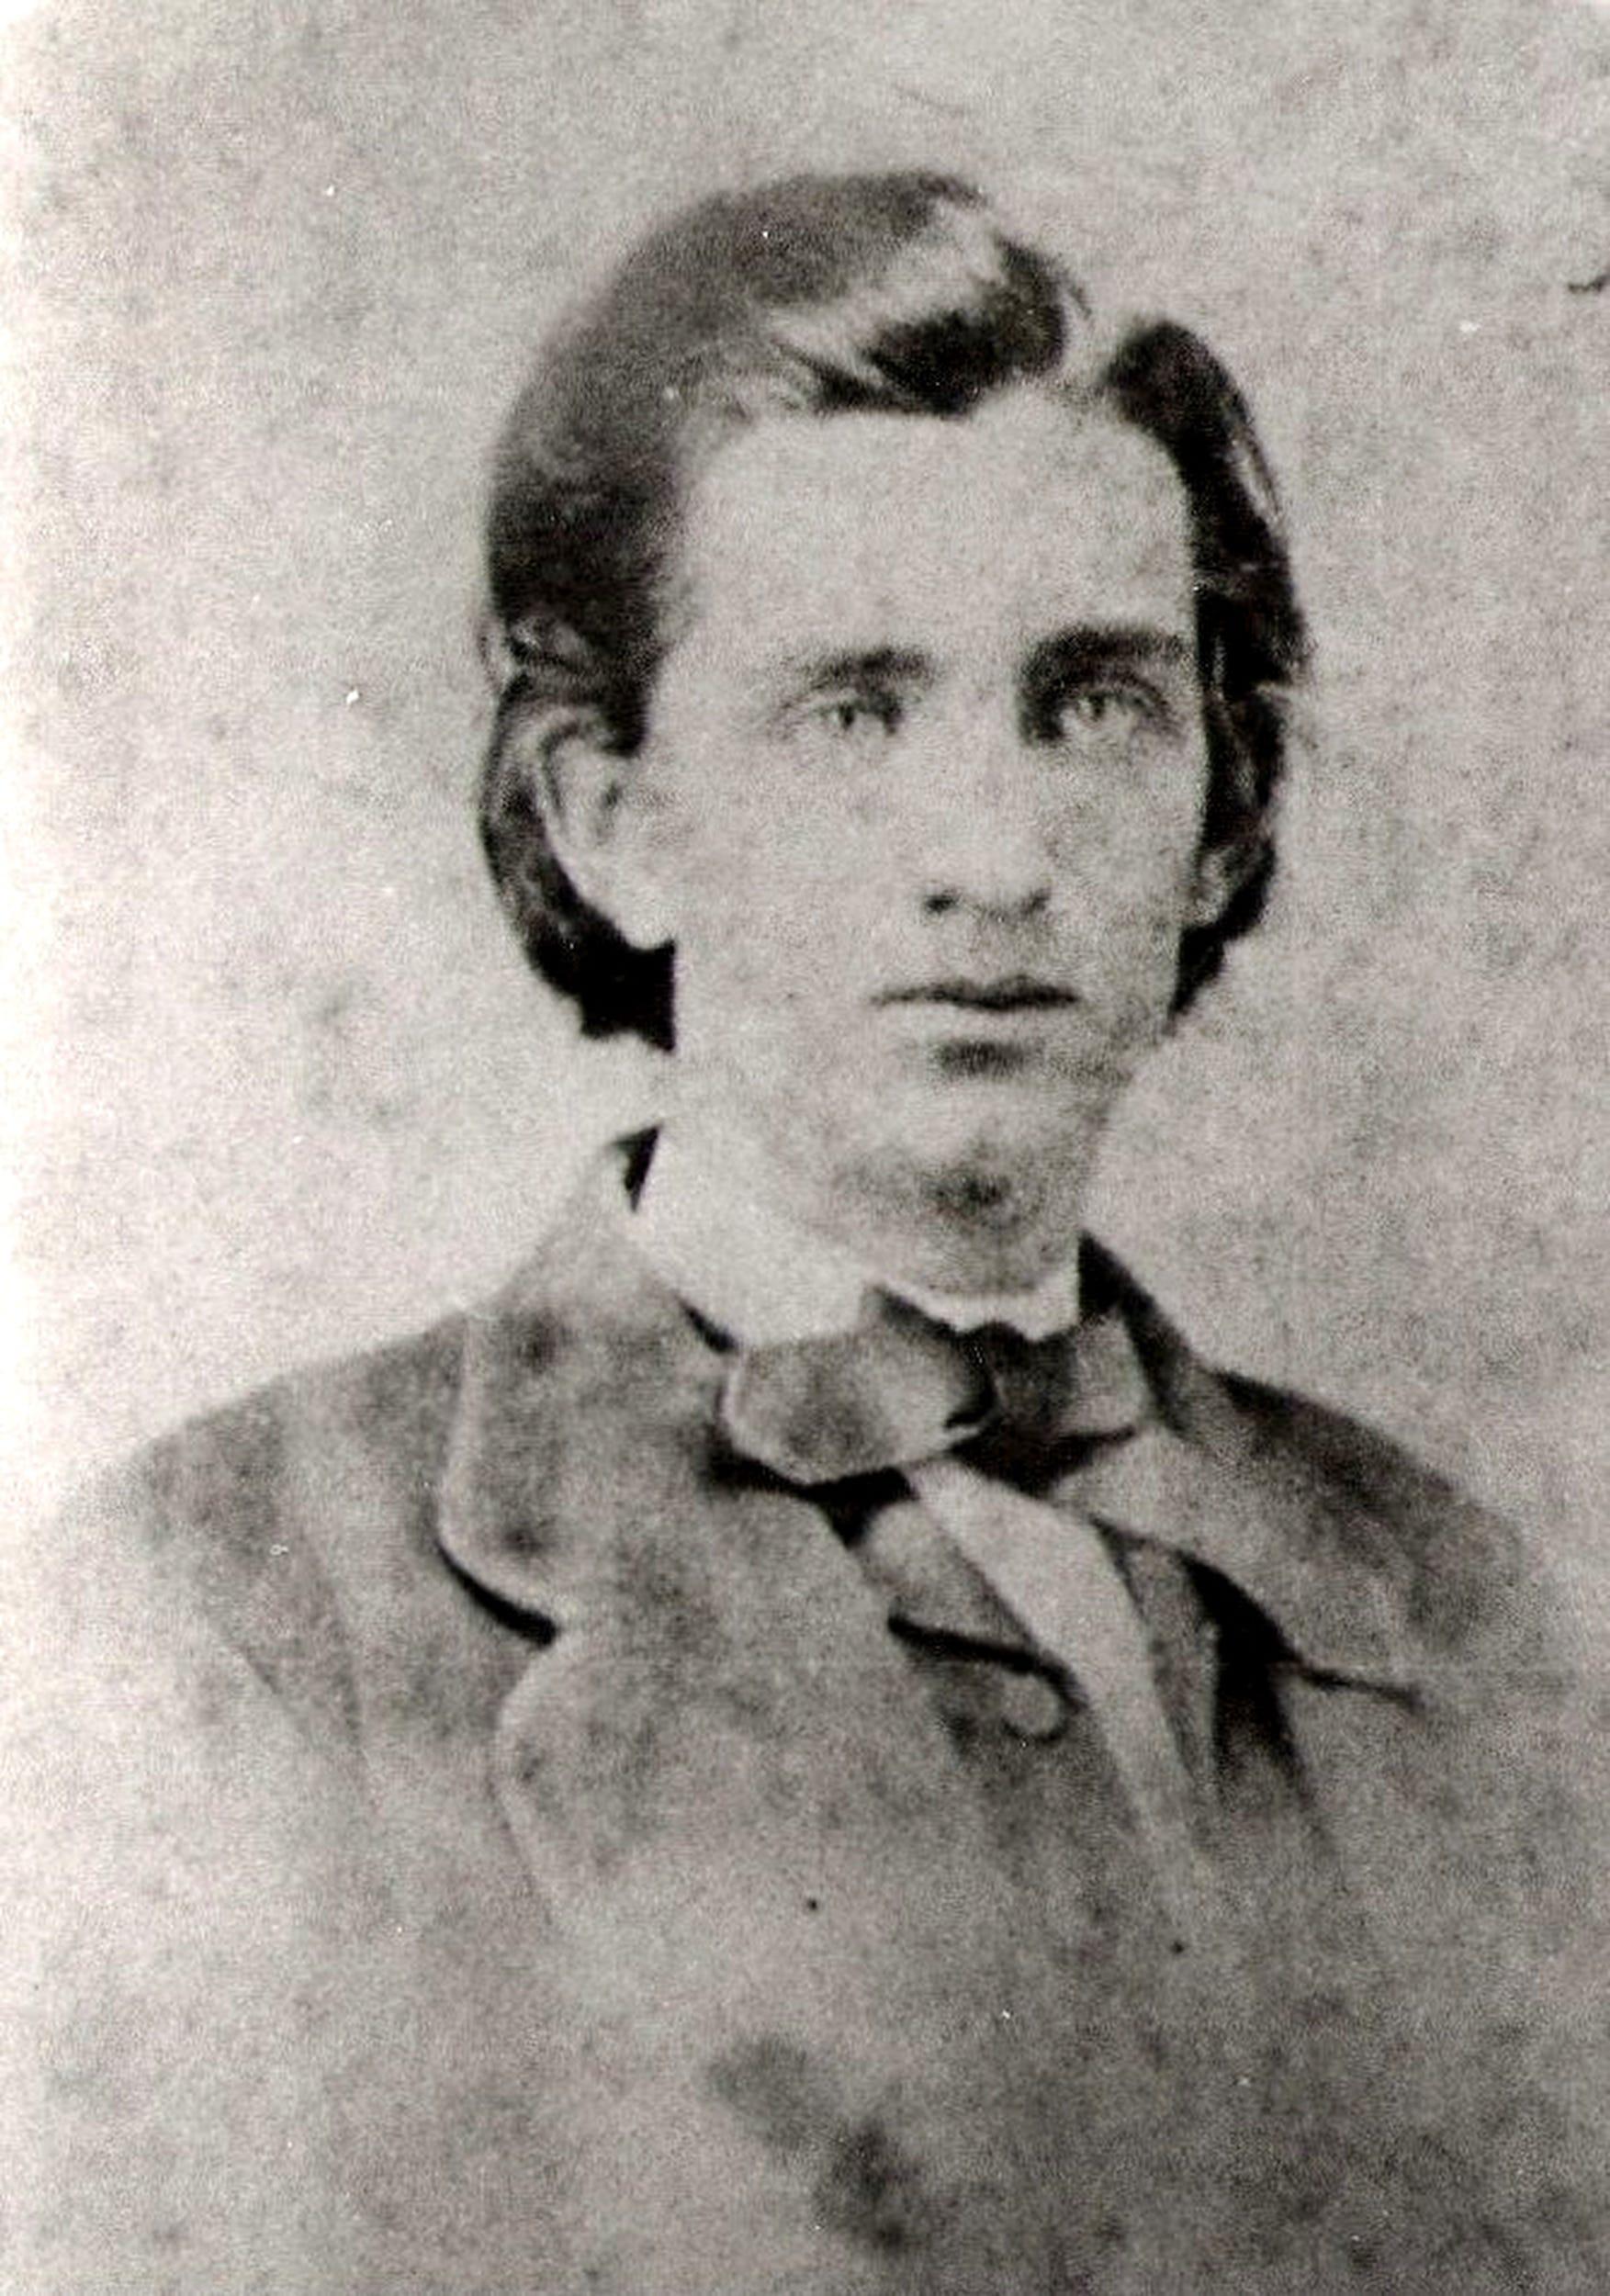 Old portrait of Sam Davis